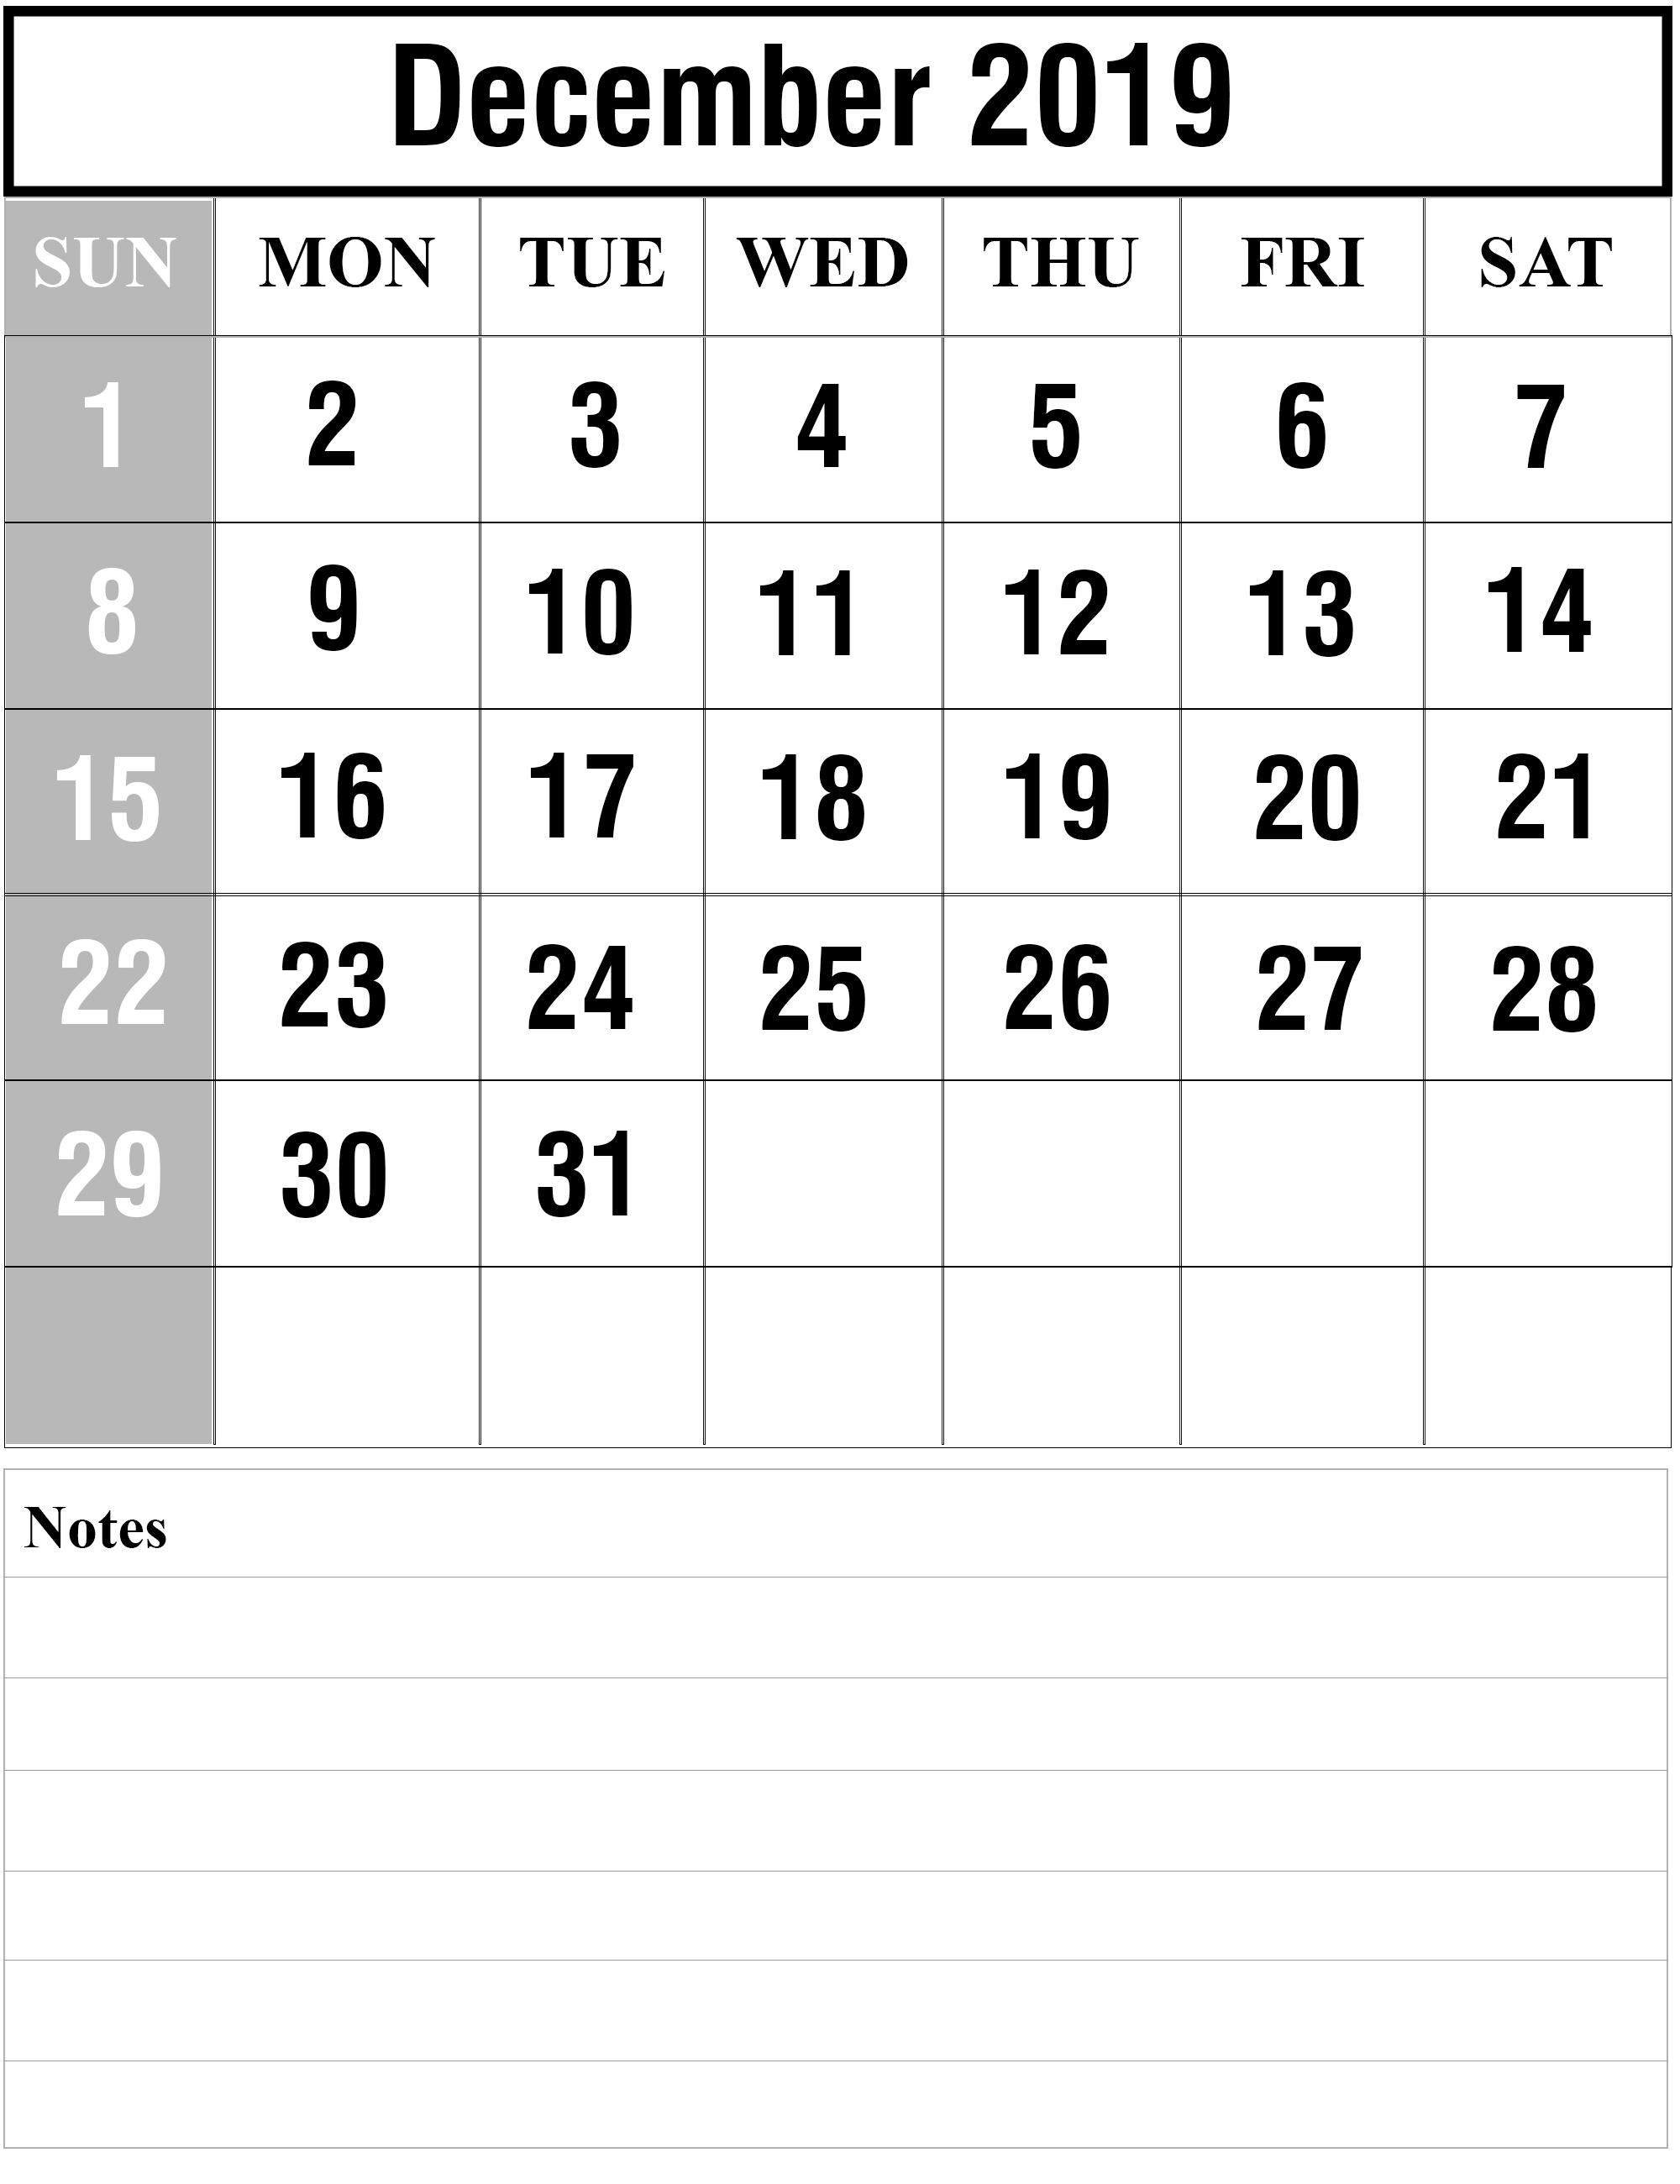 Free Blank December 2019 Printable Calendar In Pdf, Excel